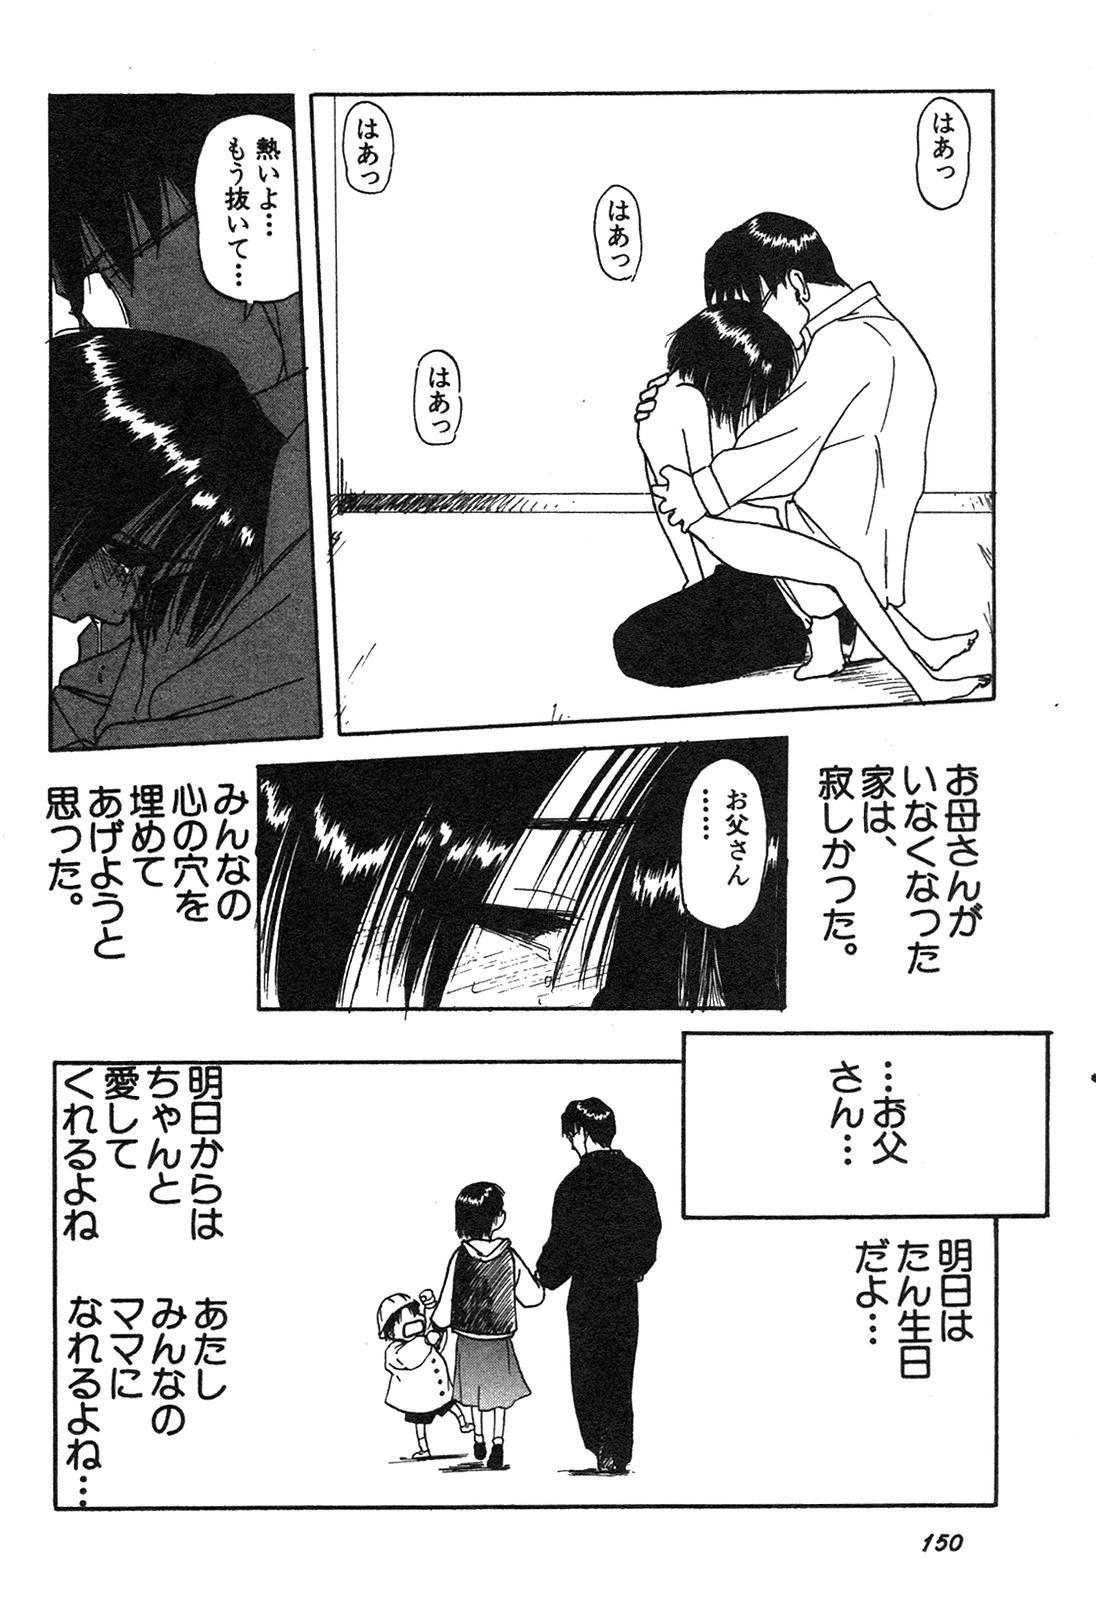 Shin Bishoujo Shoukougun 3 Yamato hen 150